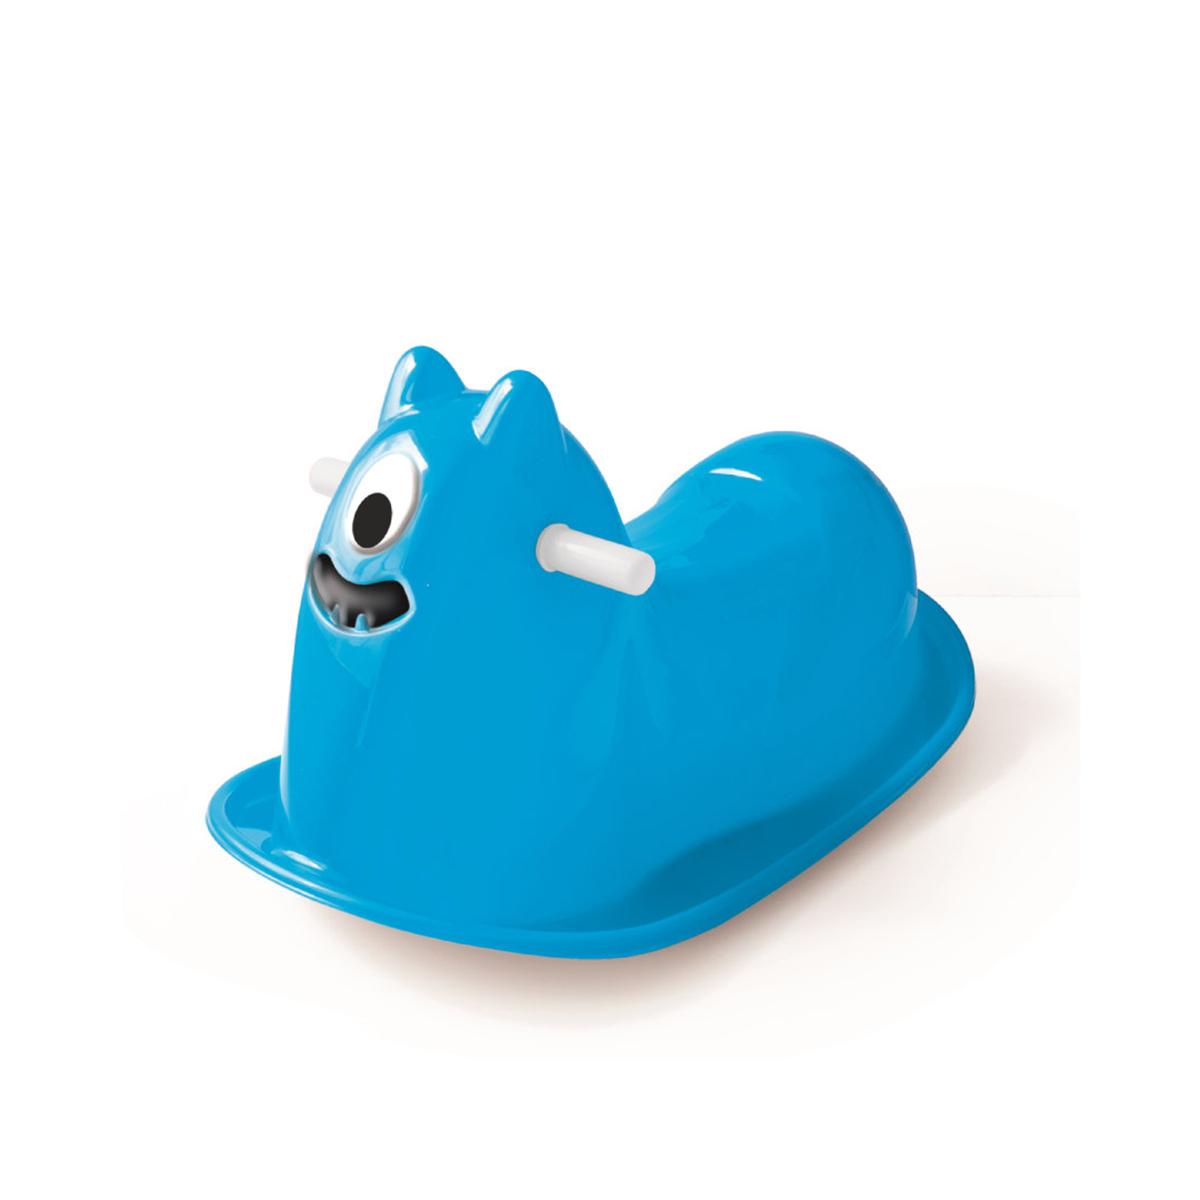 Balansoar de copii Dolu Monster, Albastru imagine